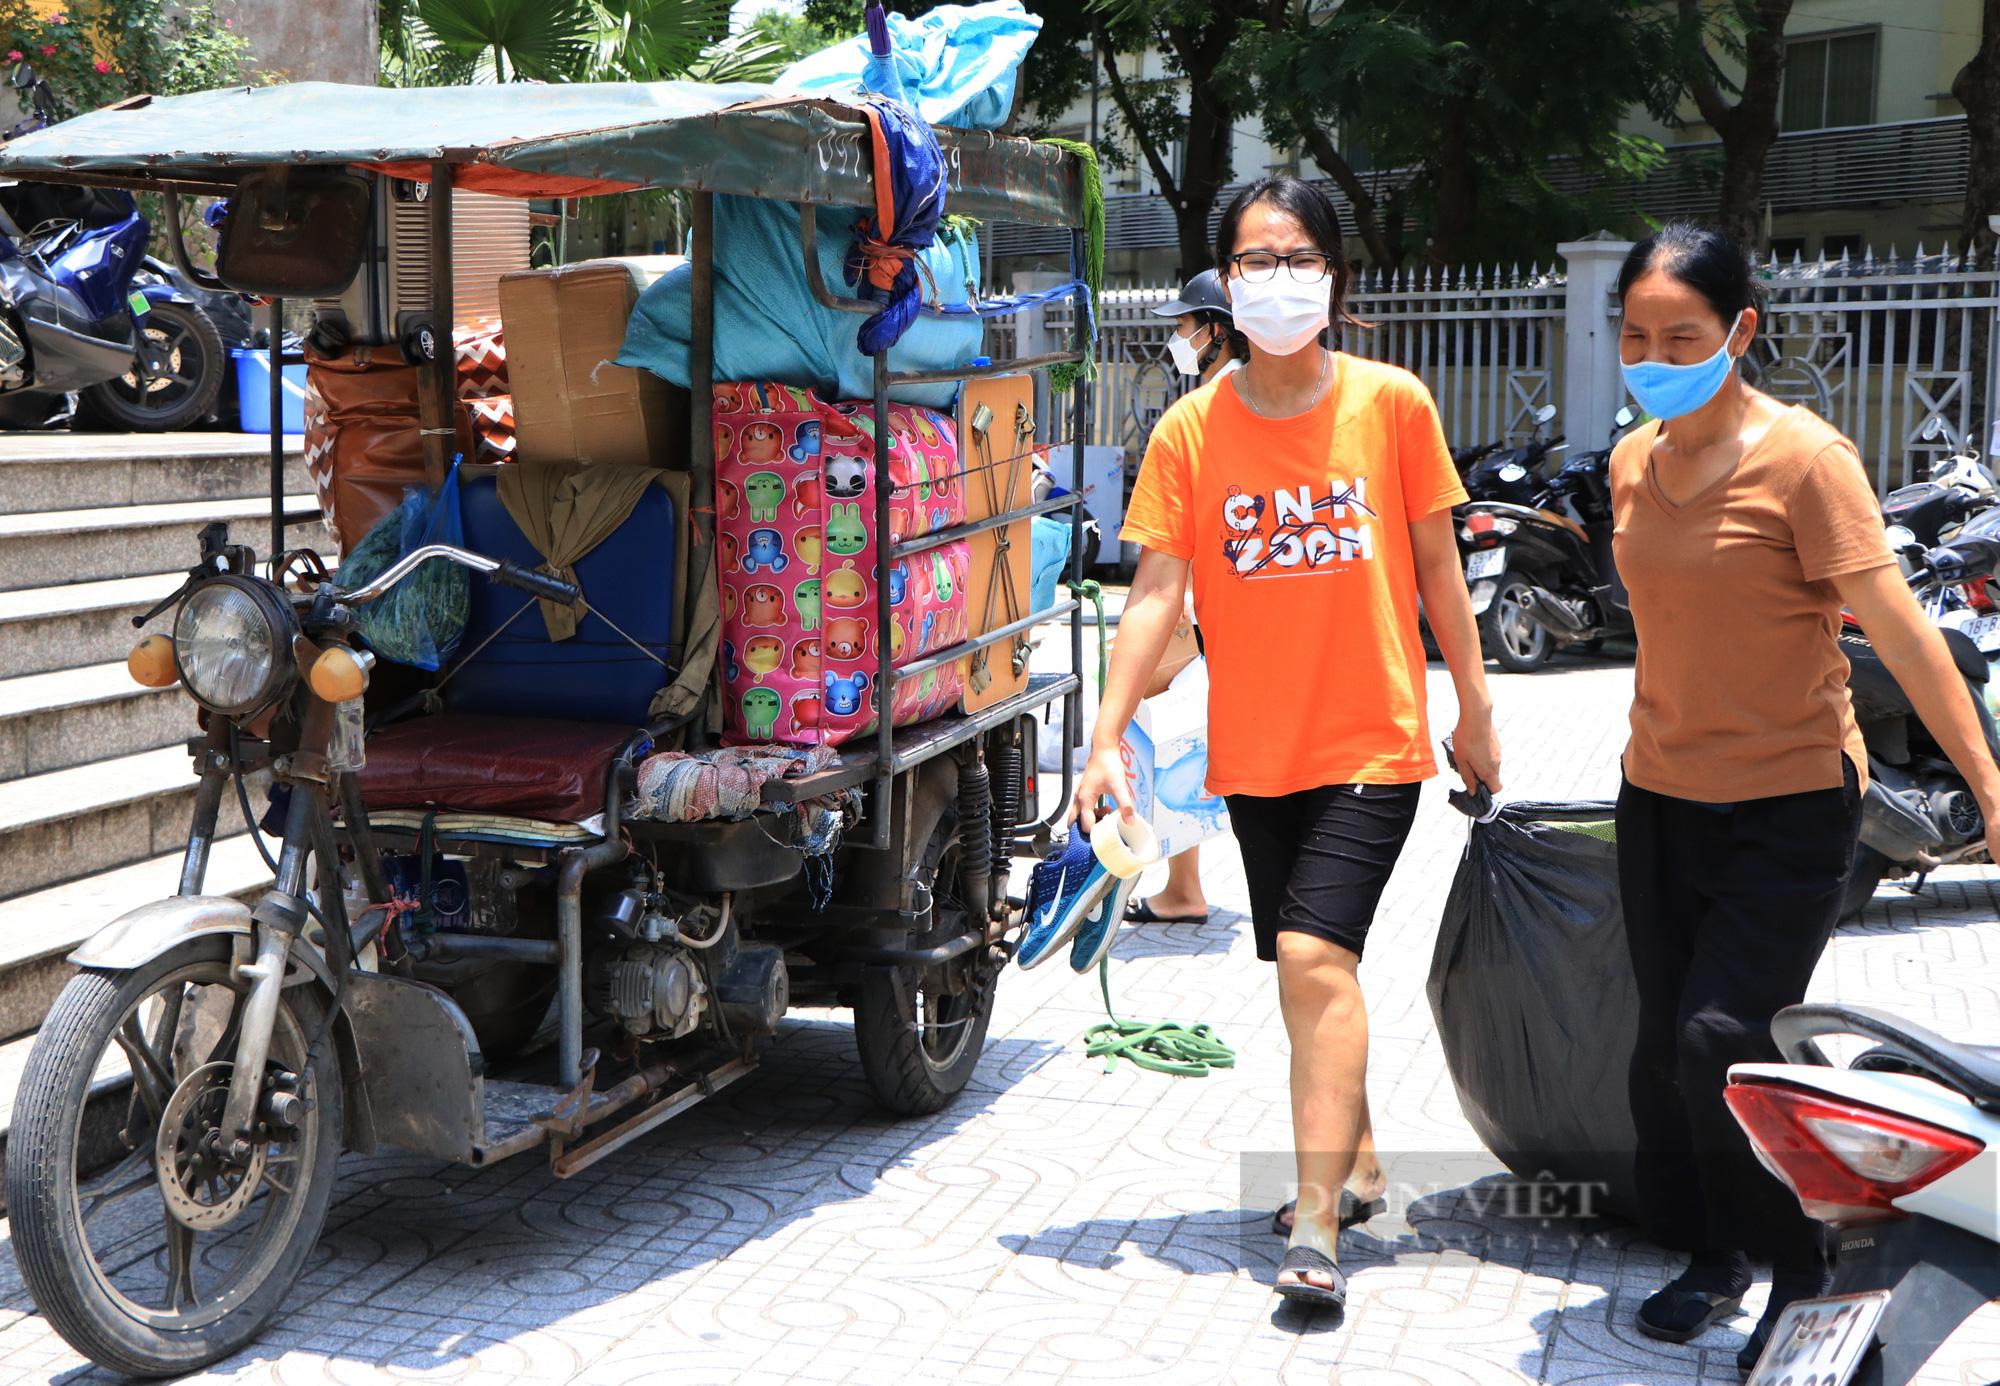 Hàng trăm sinh viên Hà Nội xuyên trưa đội nắng chuyển phòng, nhường chỗ ở làm nơi cách ly Covid-19 - Ảnh 6.